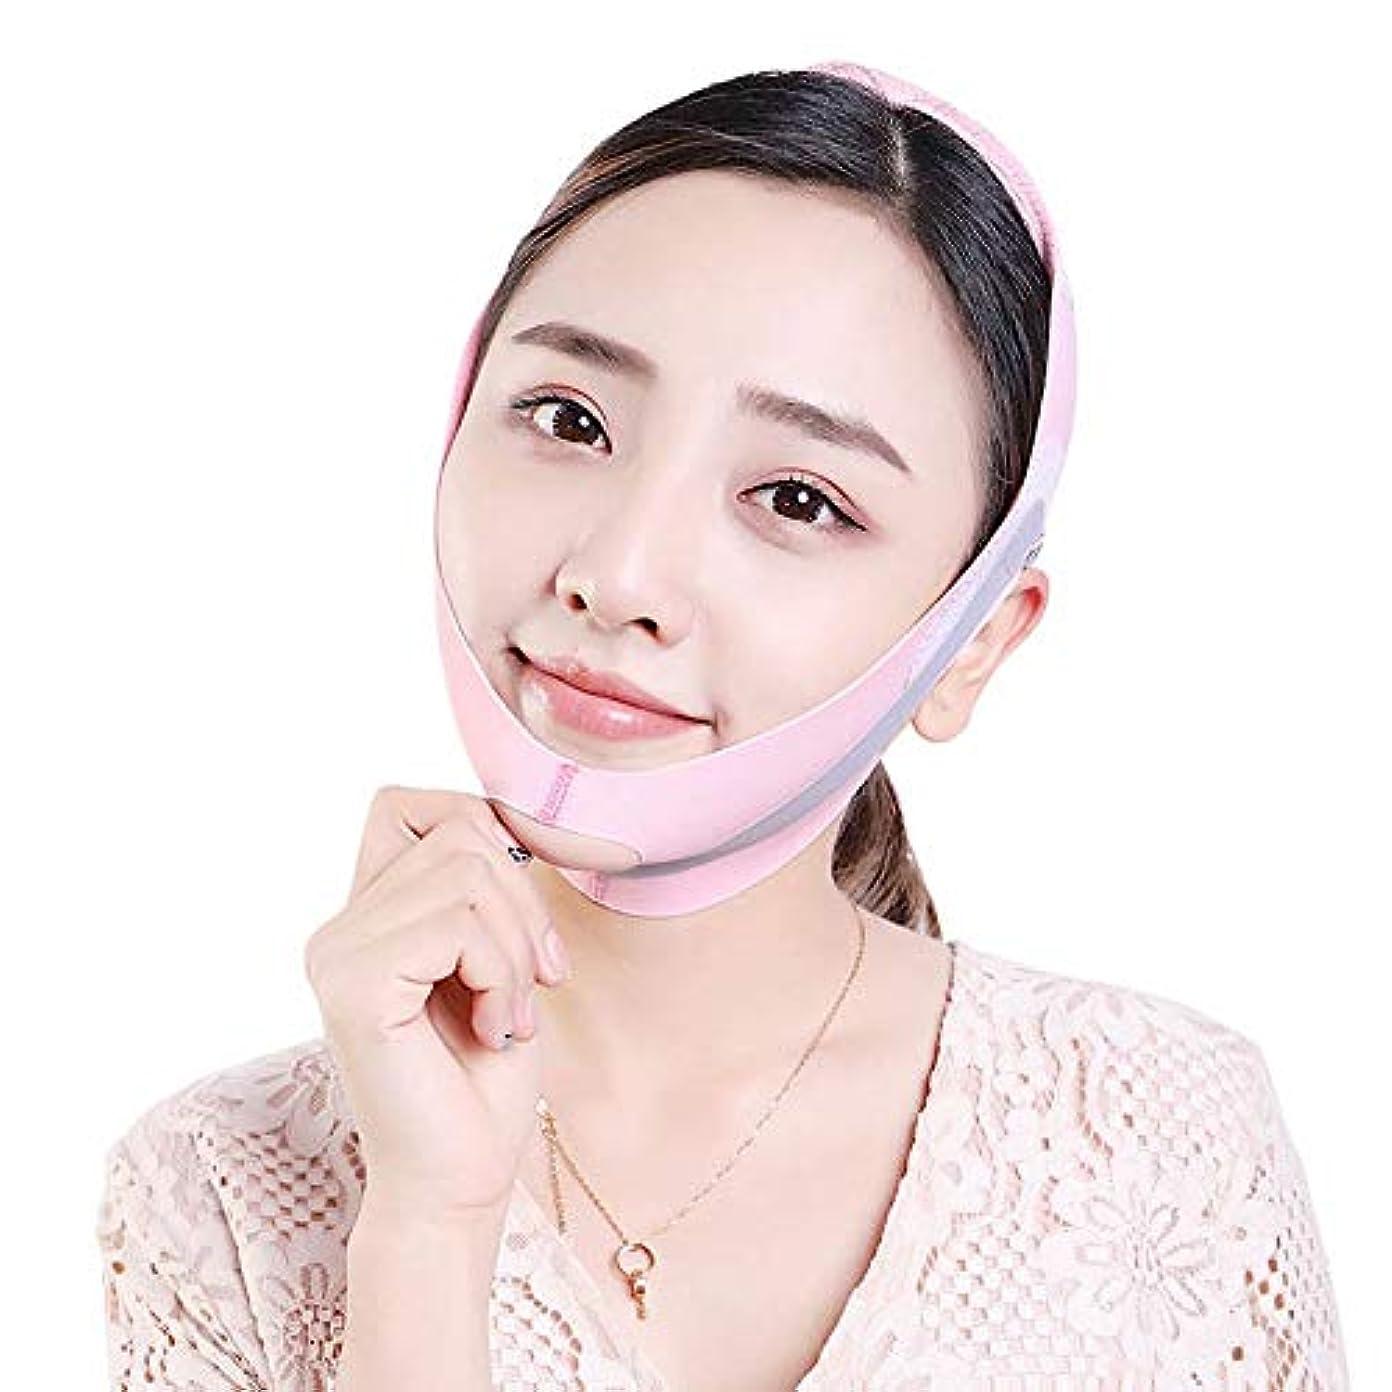 抗議マーガレットミッチェル相談たるみを防ぐために顔を持ち上げるために筋肉を引き締めるために二重あごのステッカーとラインを削除するために、顔を持ち上げるアーティファクト包帯があります - ピンク